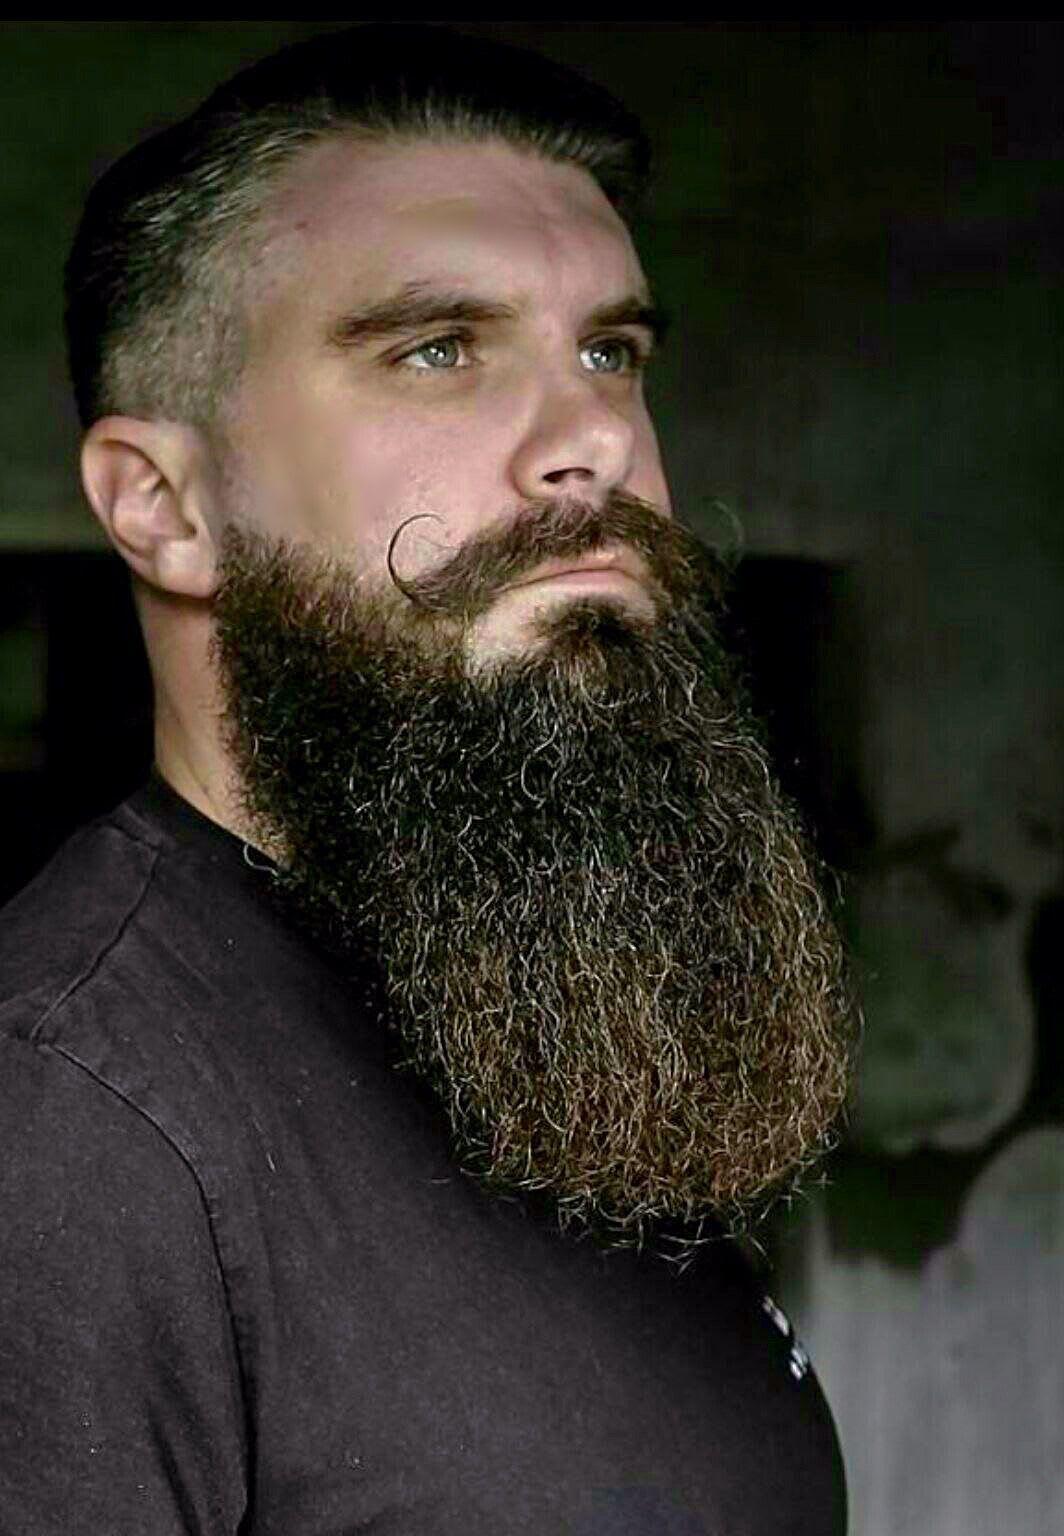 Longbeard with Mustache